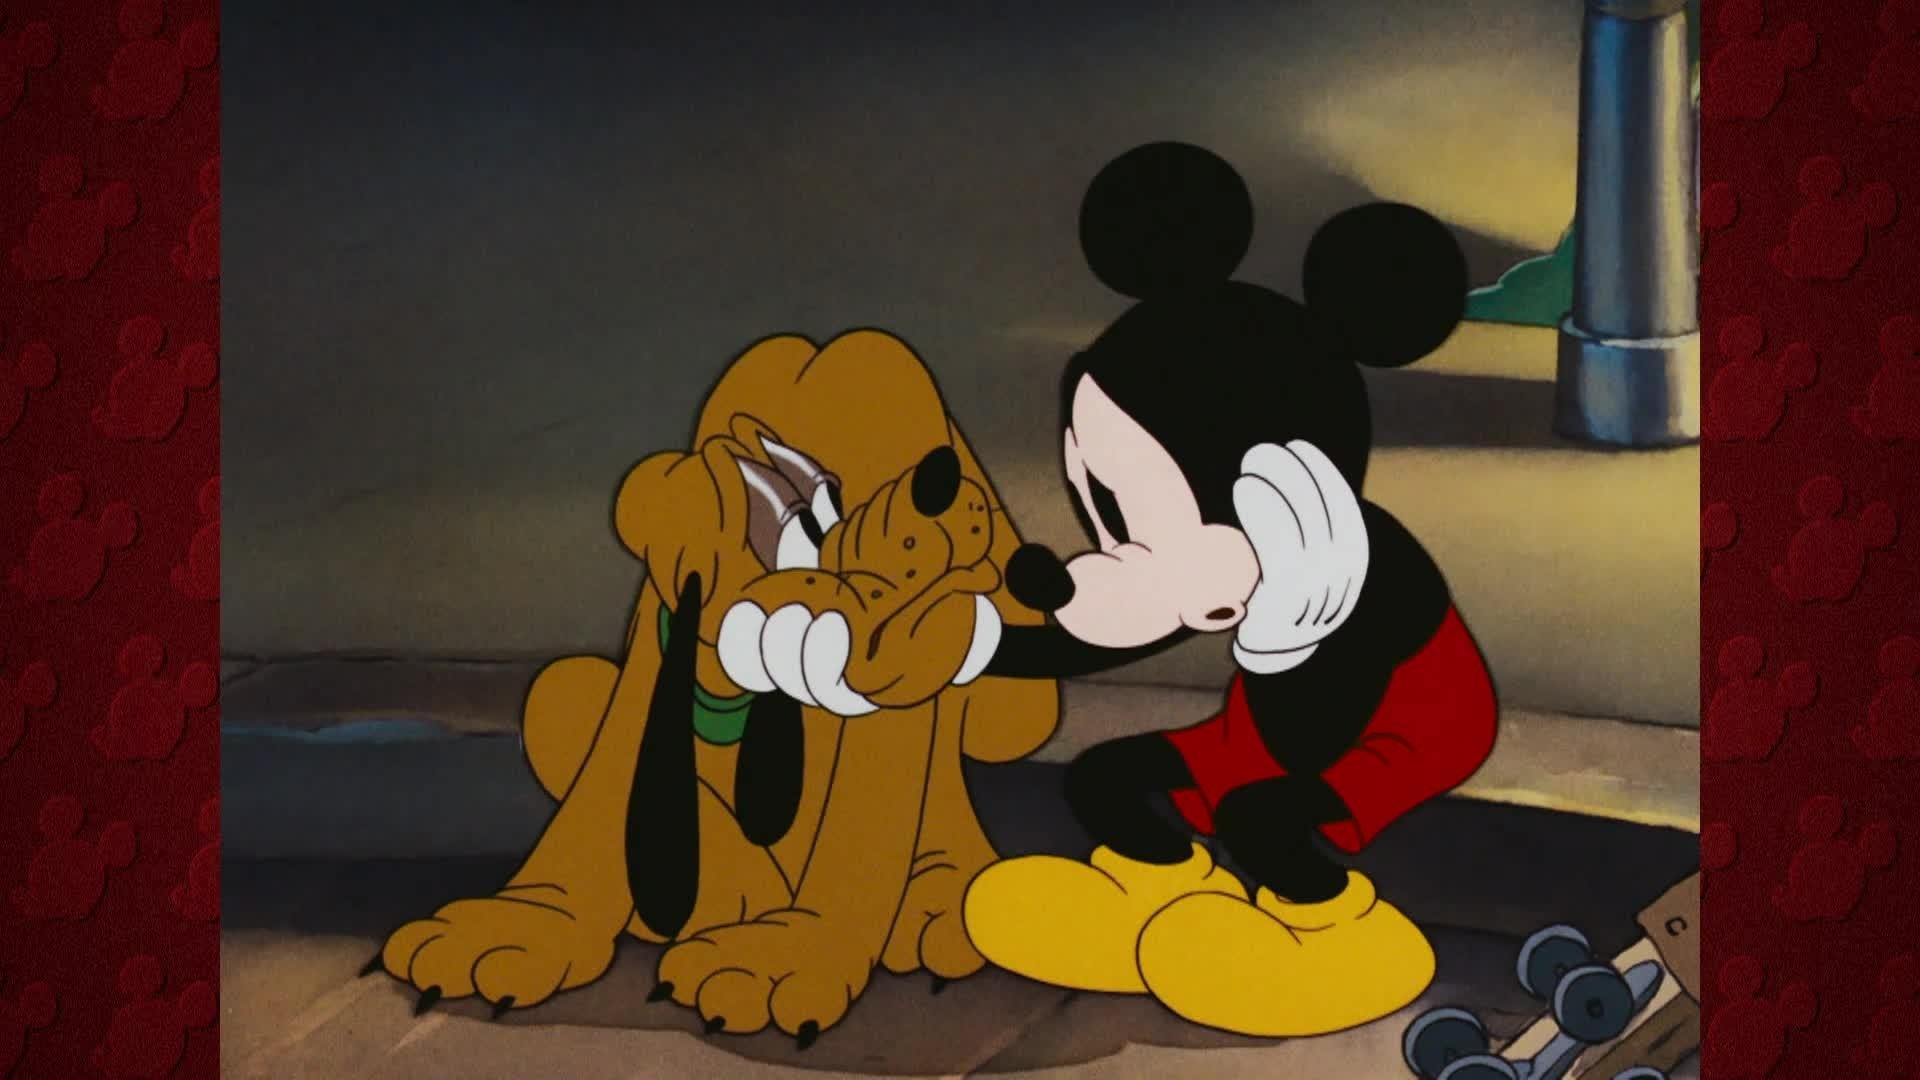 Échate a Reír - Exposición canina